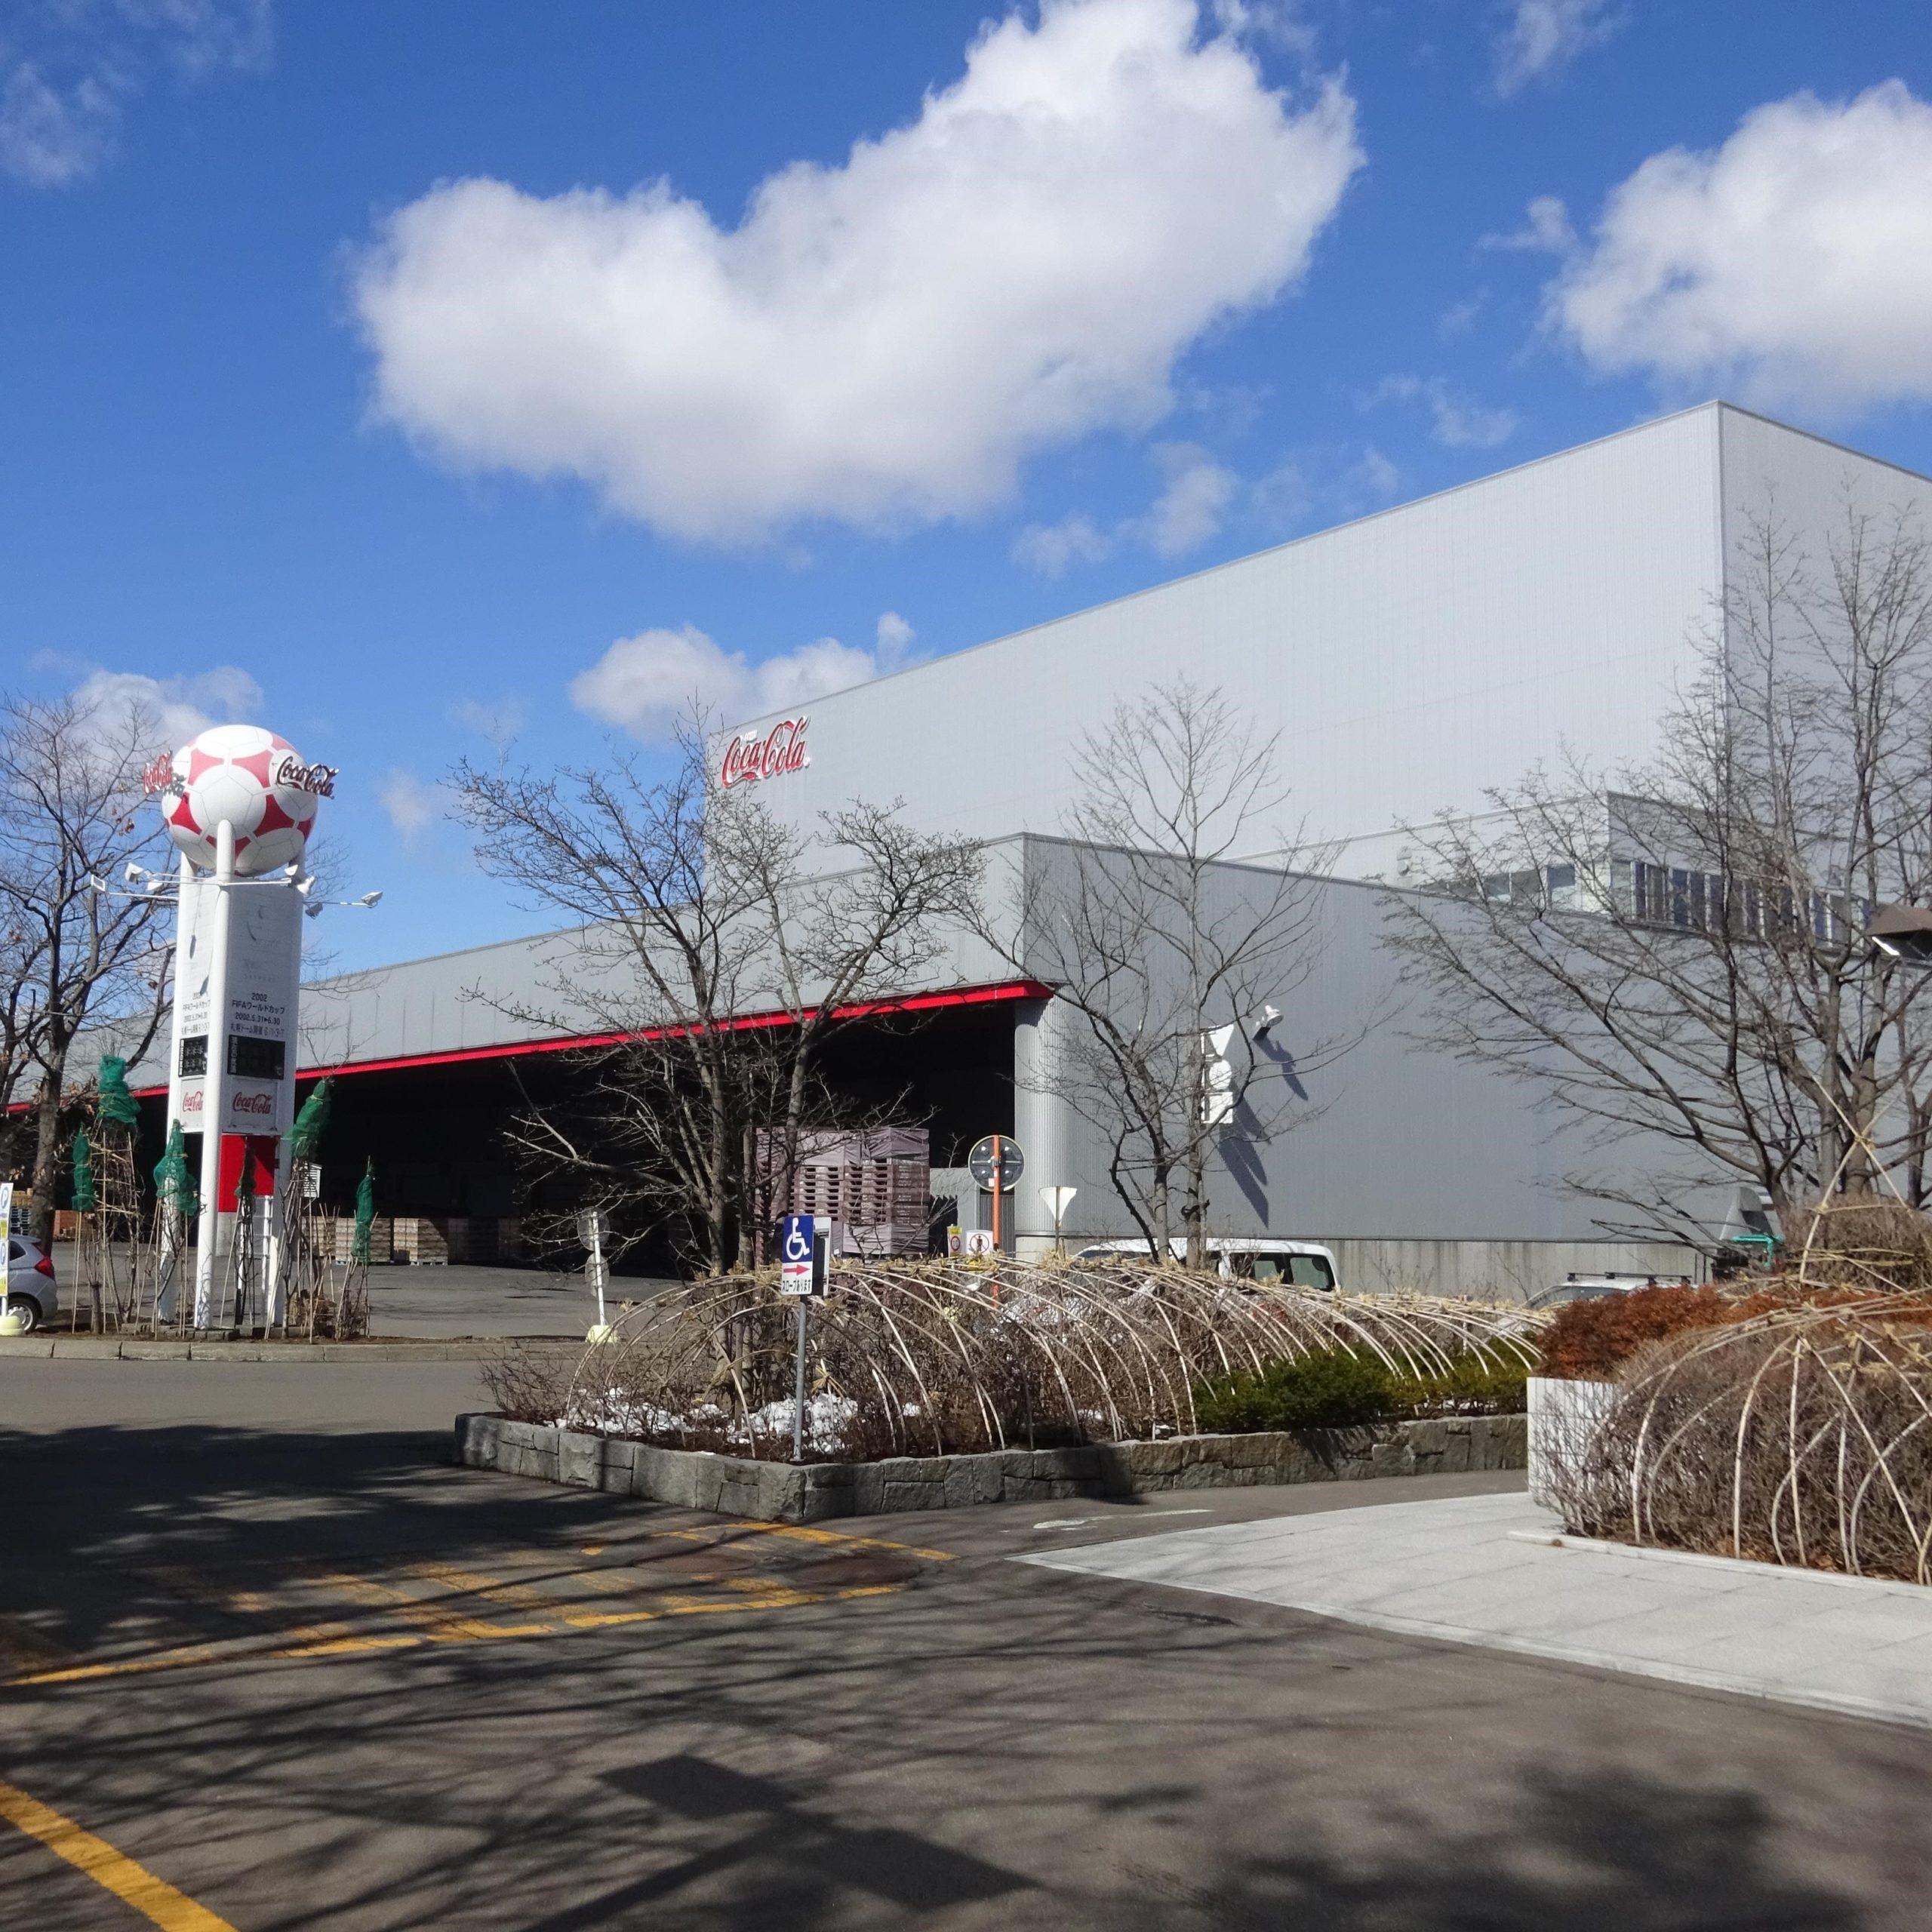 北海道コカコーラボトリング札幌工場で製造ライン・立体自動倉庫の工場見学